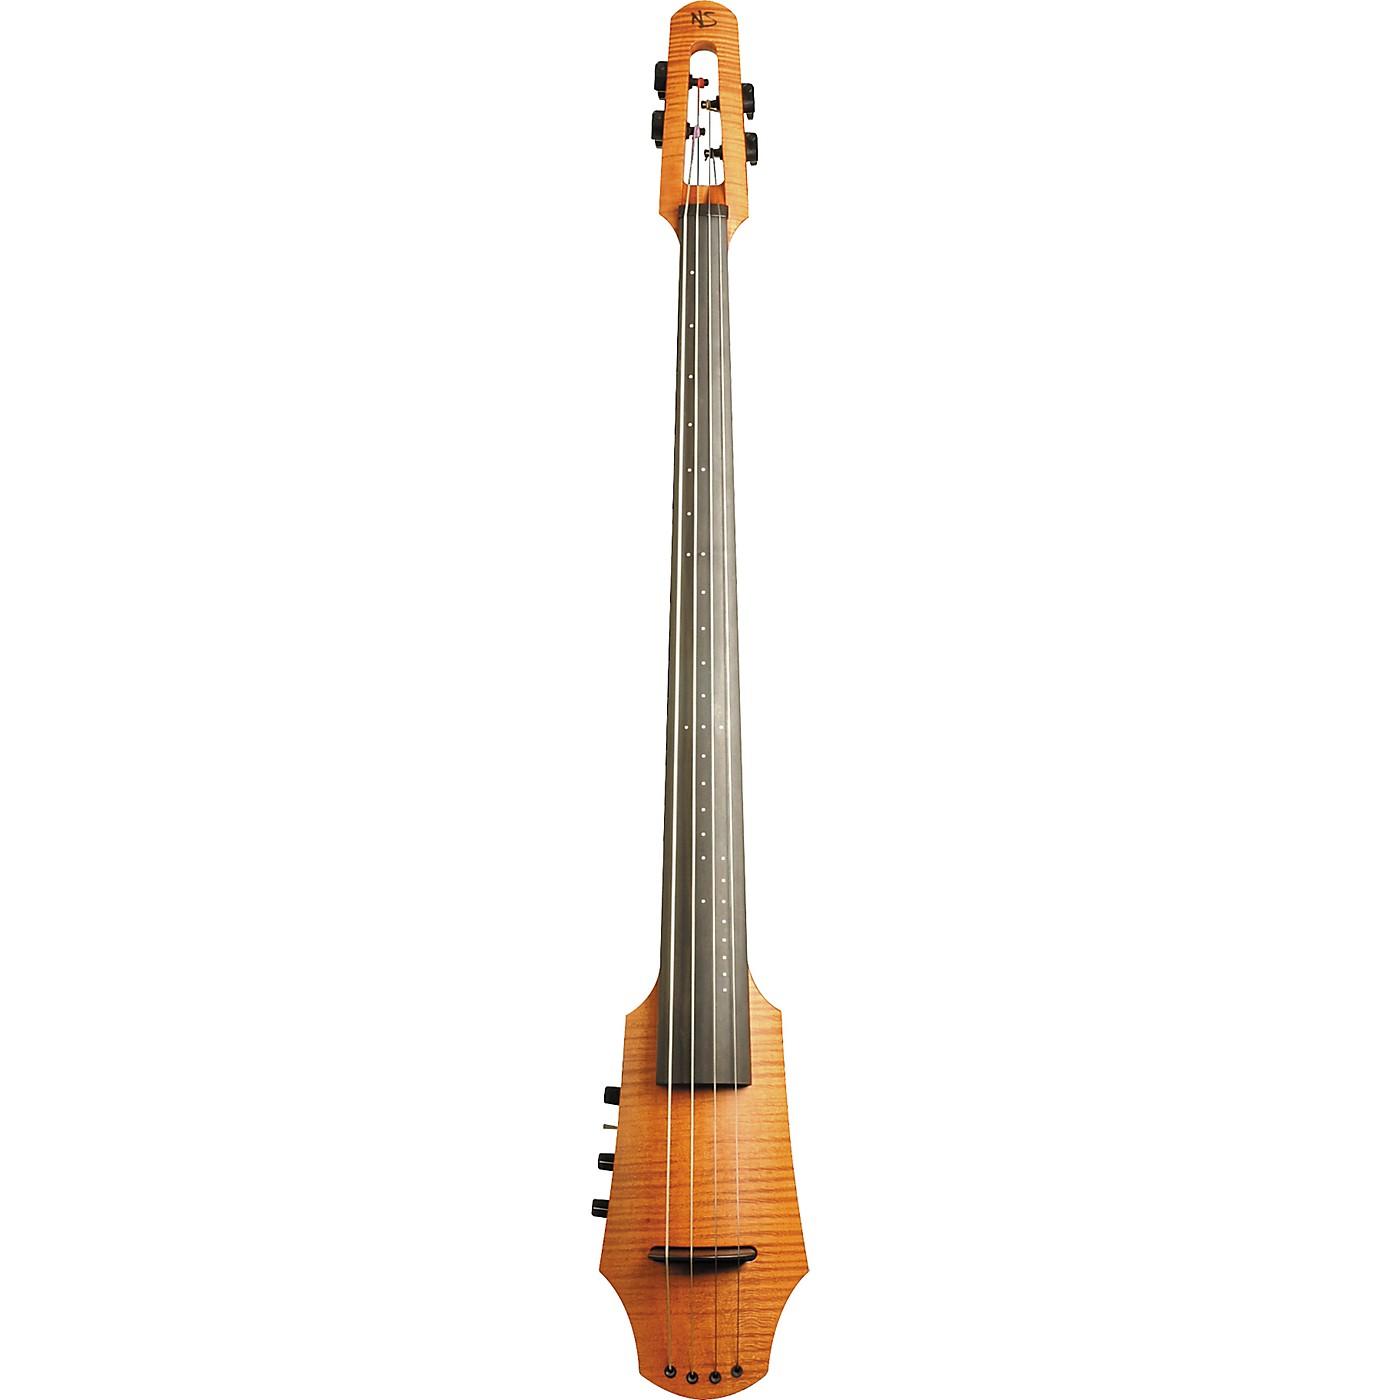 NS Design CR4 4-String Electric Cello thumbnail